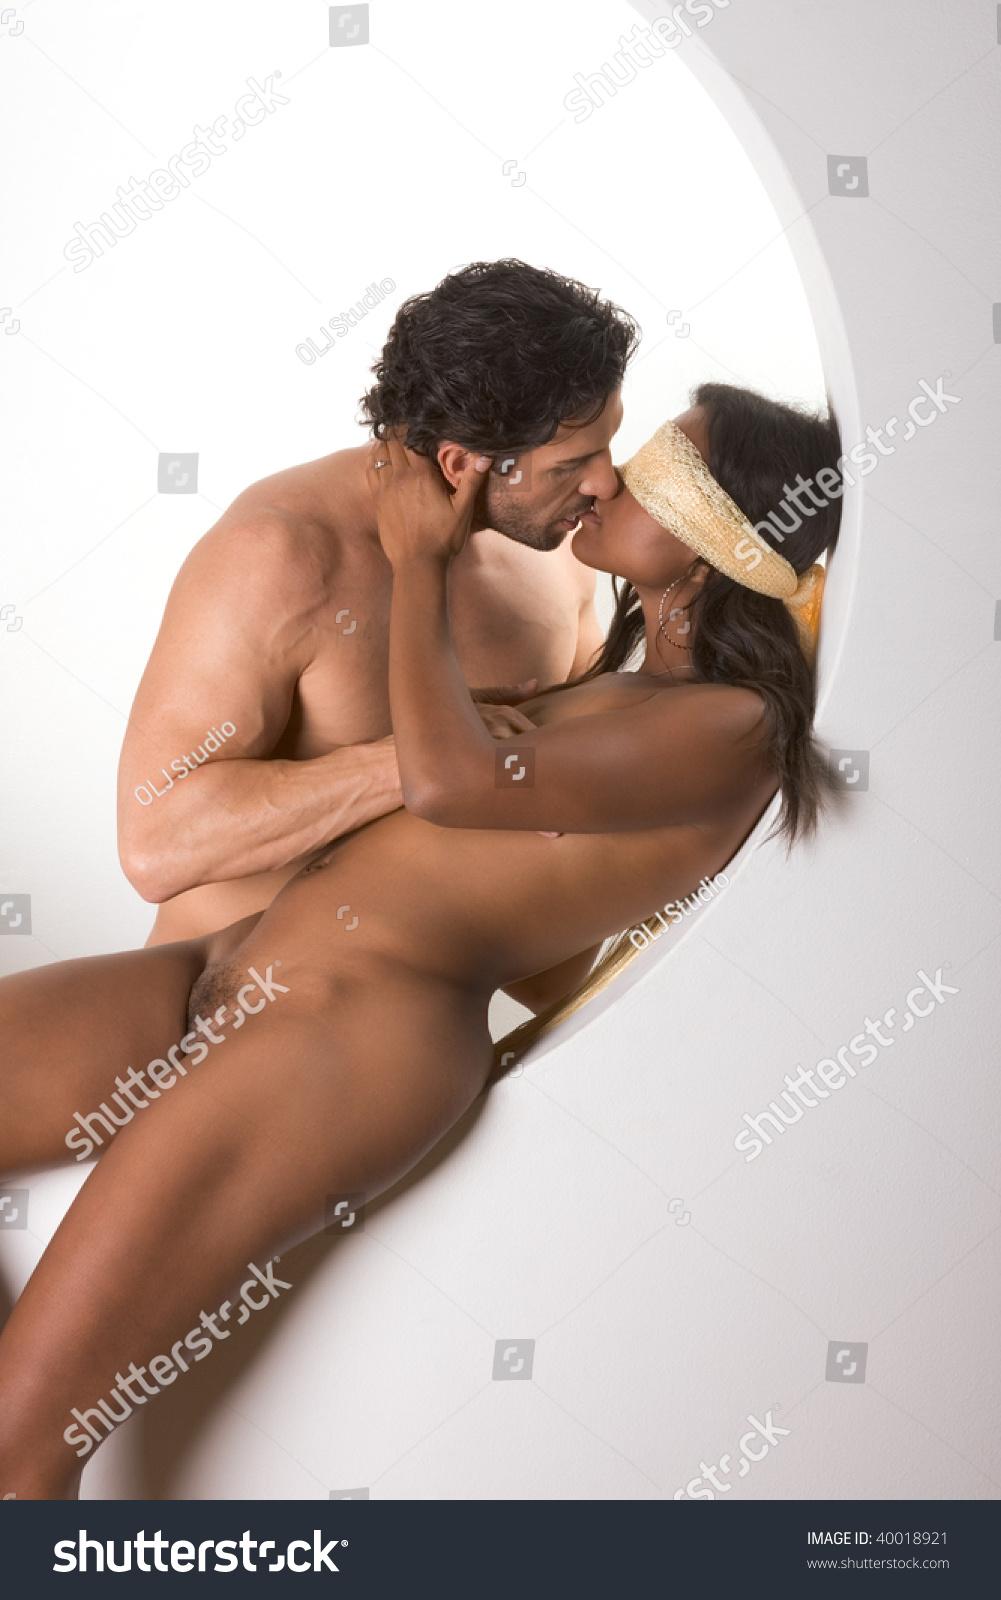 Rodrick recommend best of men interracial nude